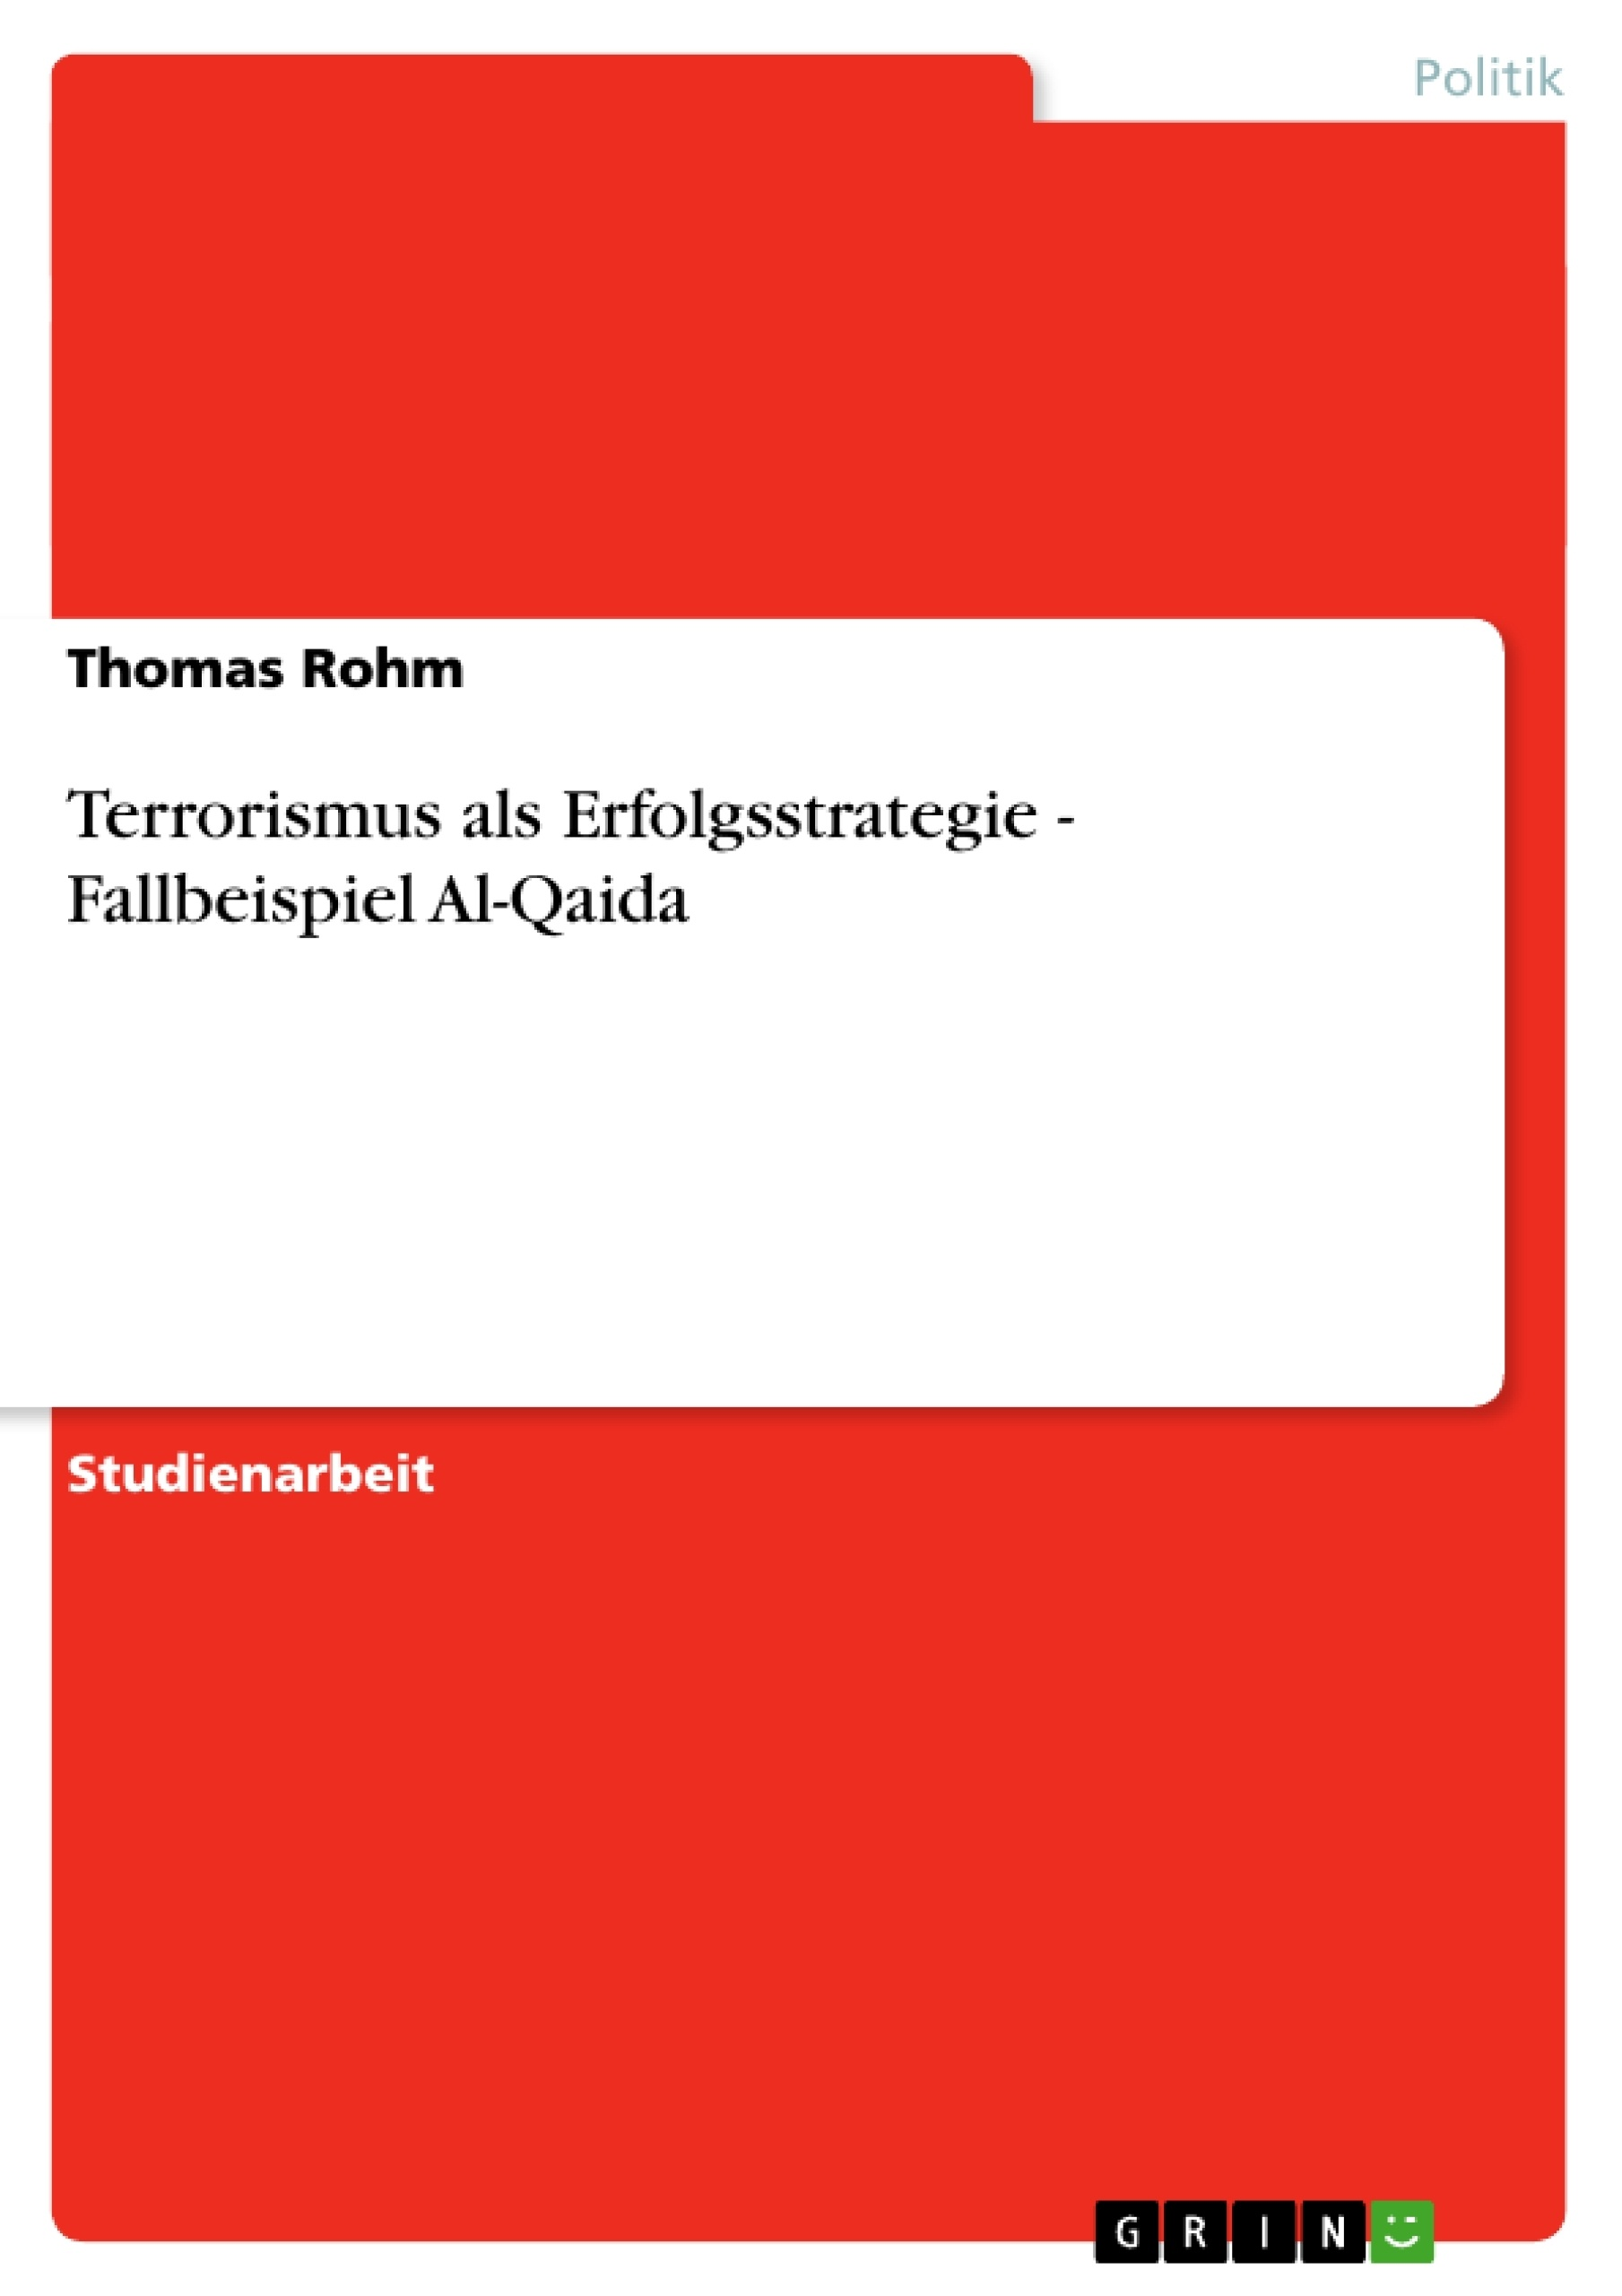 Titel: Terrorismus als Erfolgsstrategie - Fallbeispiel Al-Qaida